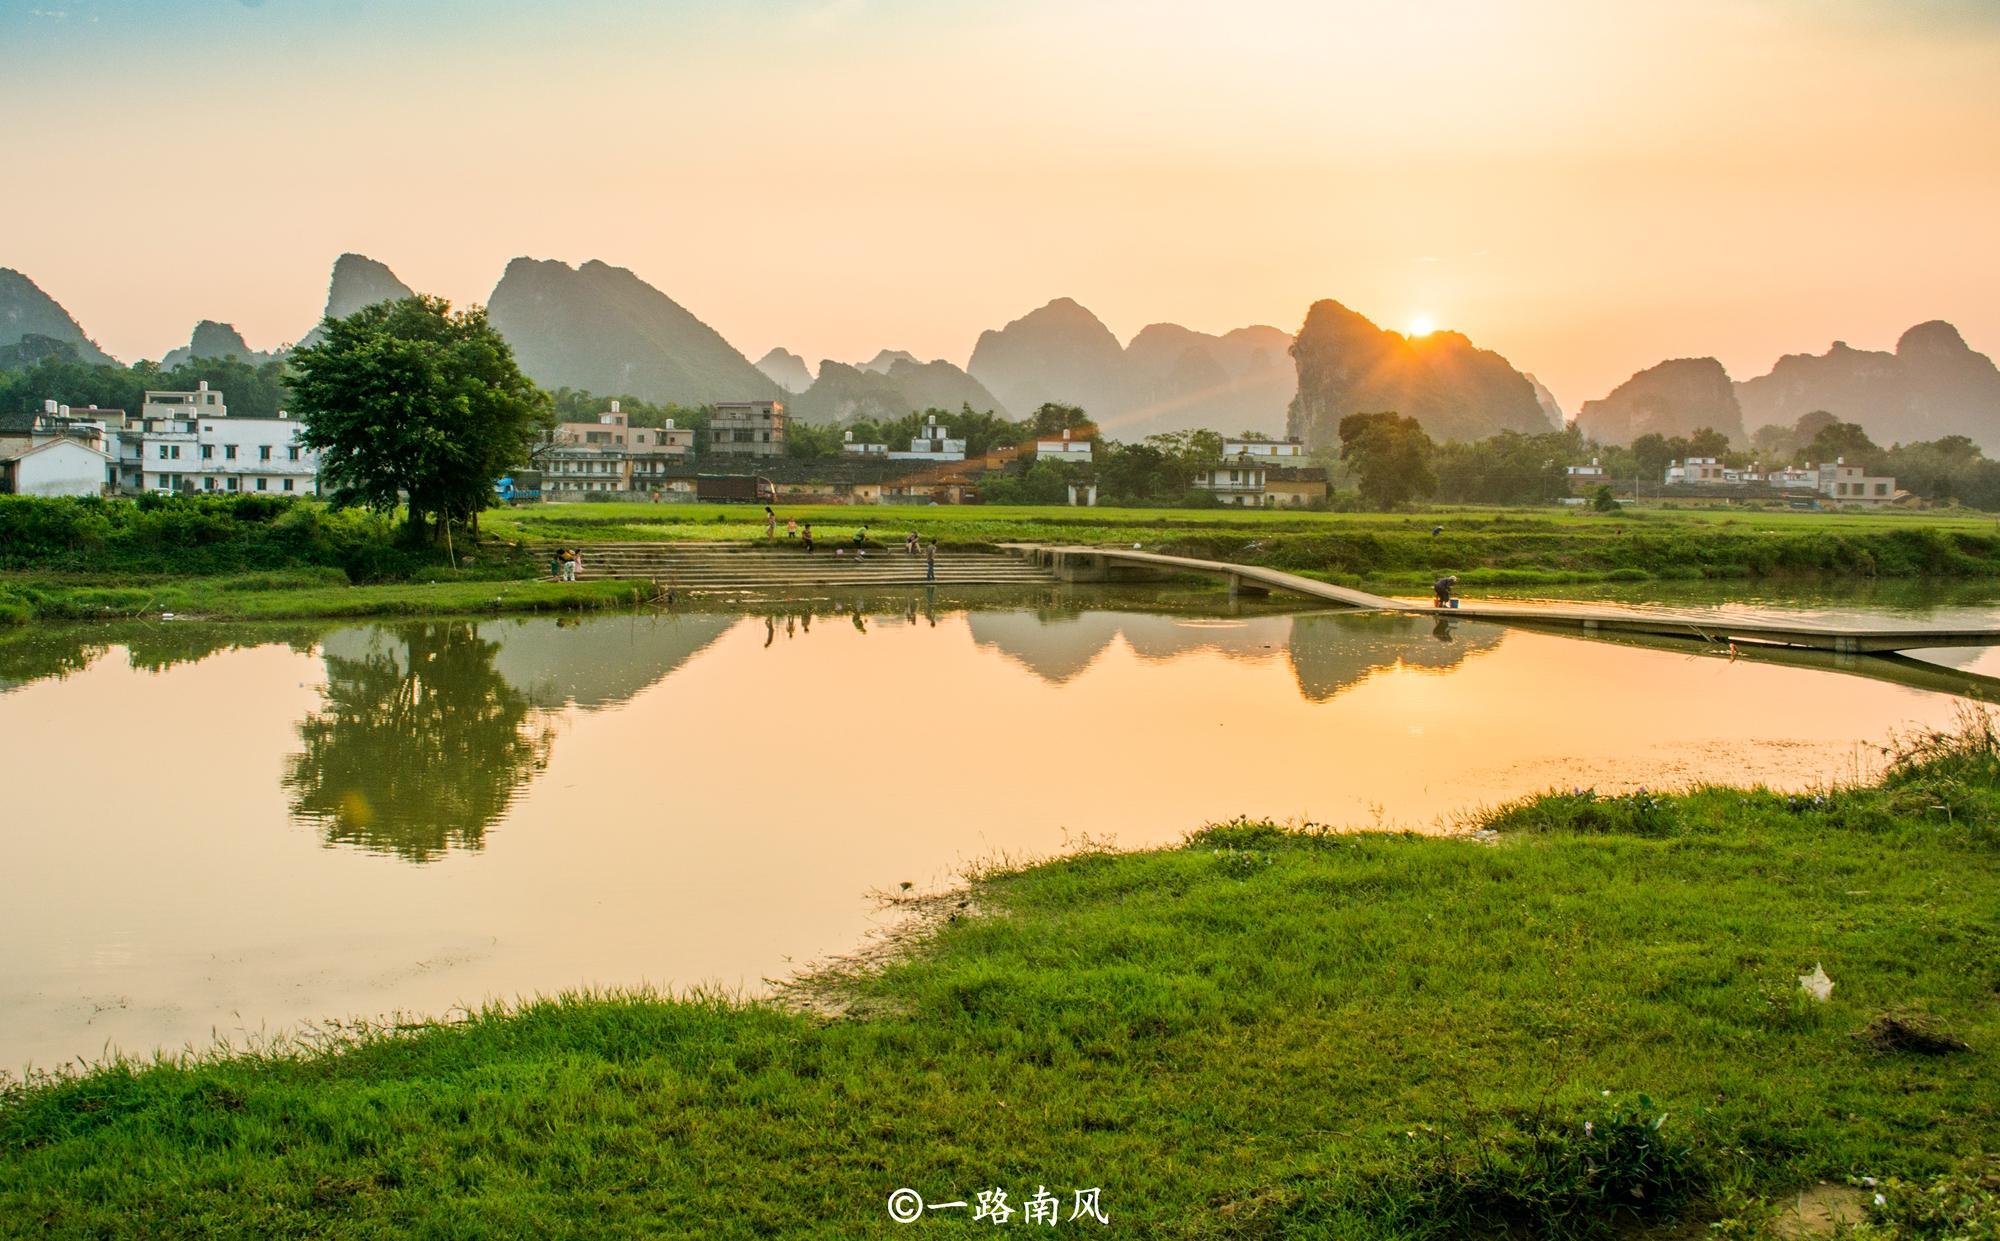 广东面积最大城市,相当于澳门的579倍,遍布温泉和迷人景点!